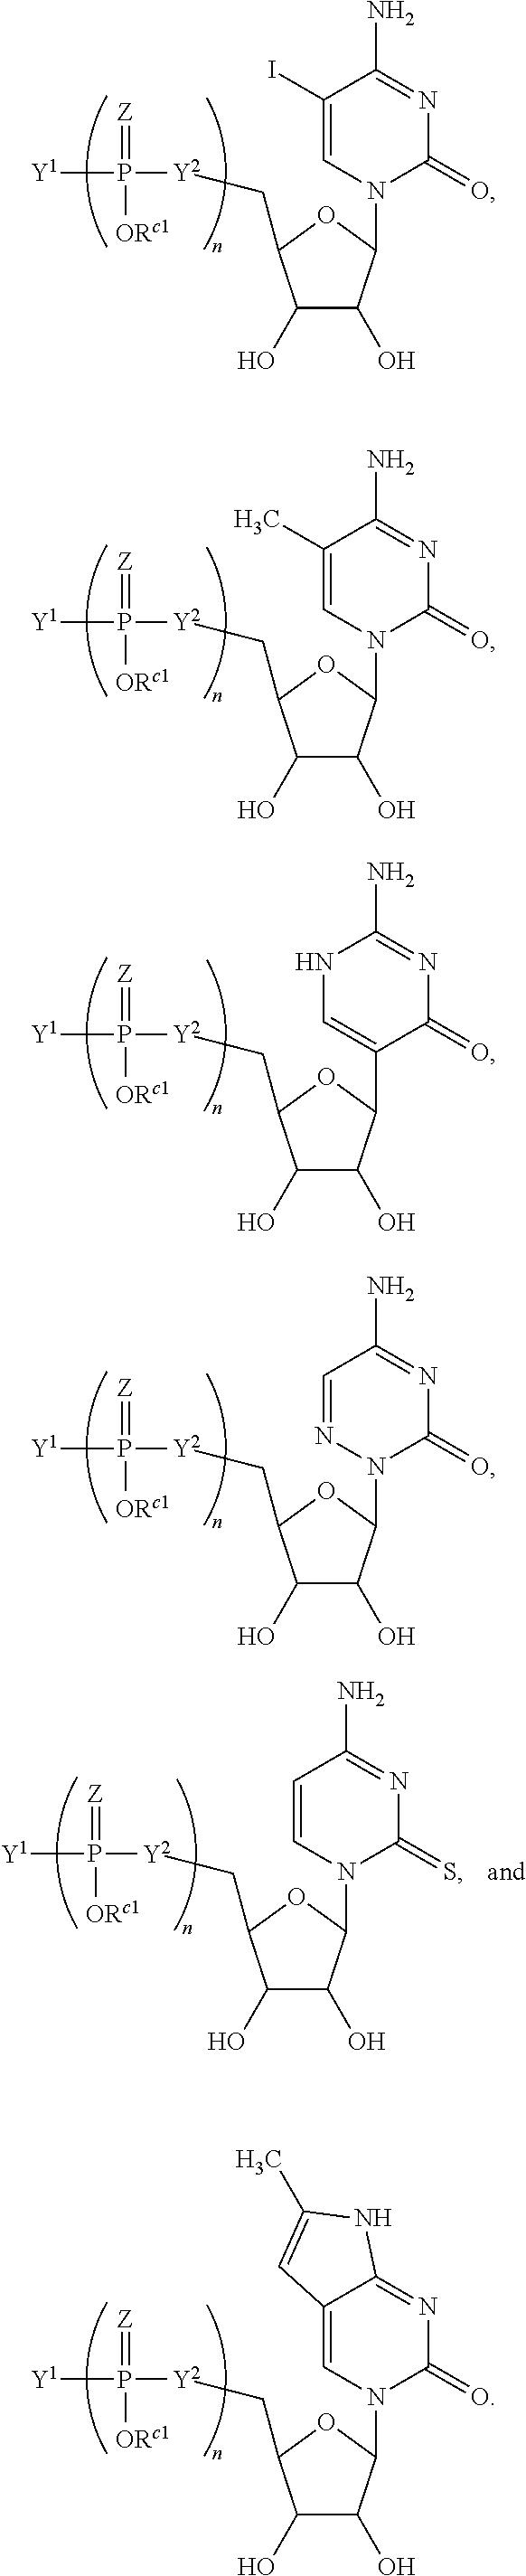 Figure US09657295-20170523-C00023